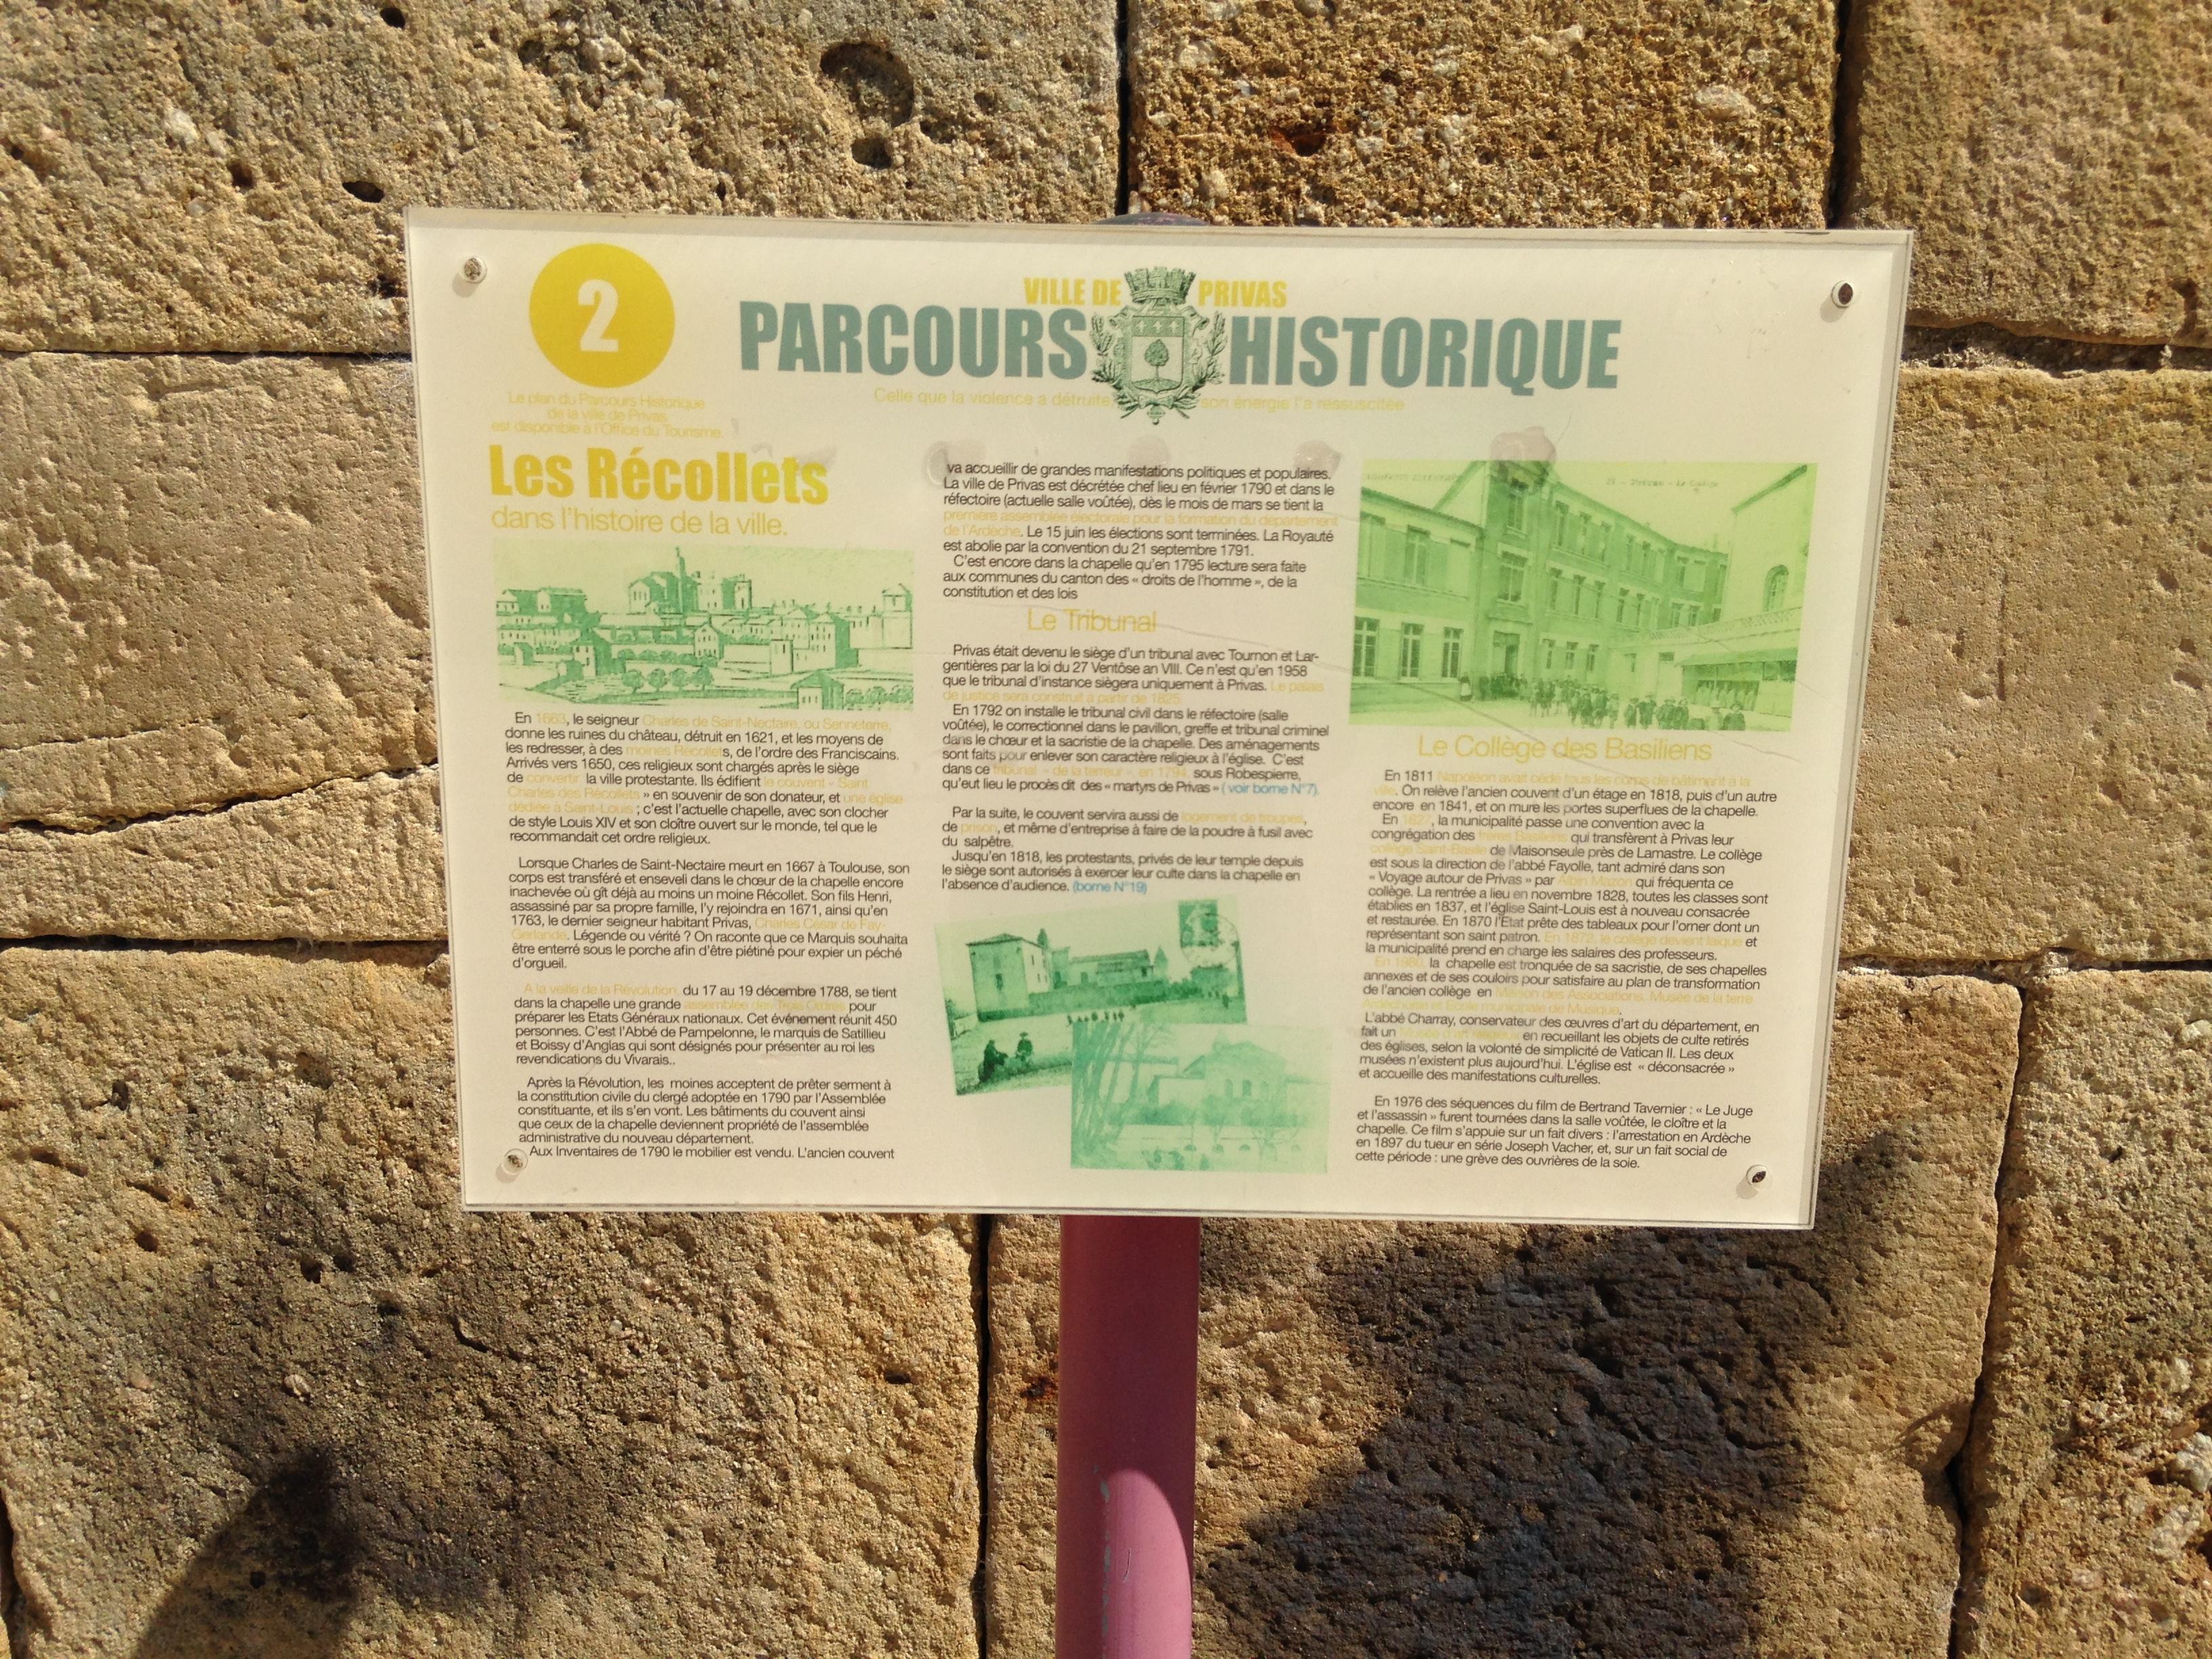 Sites touristiques : Parcours historique de la ville de Privas